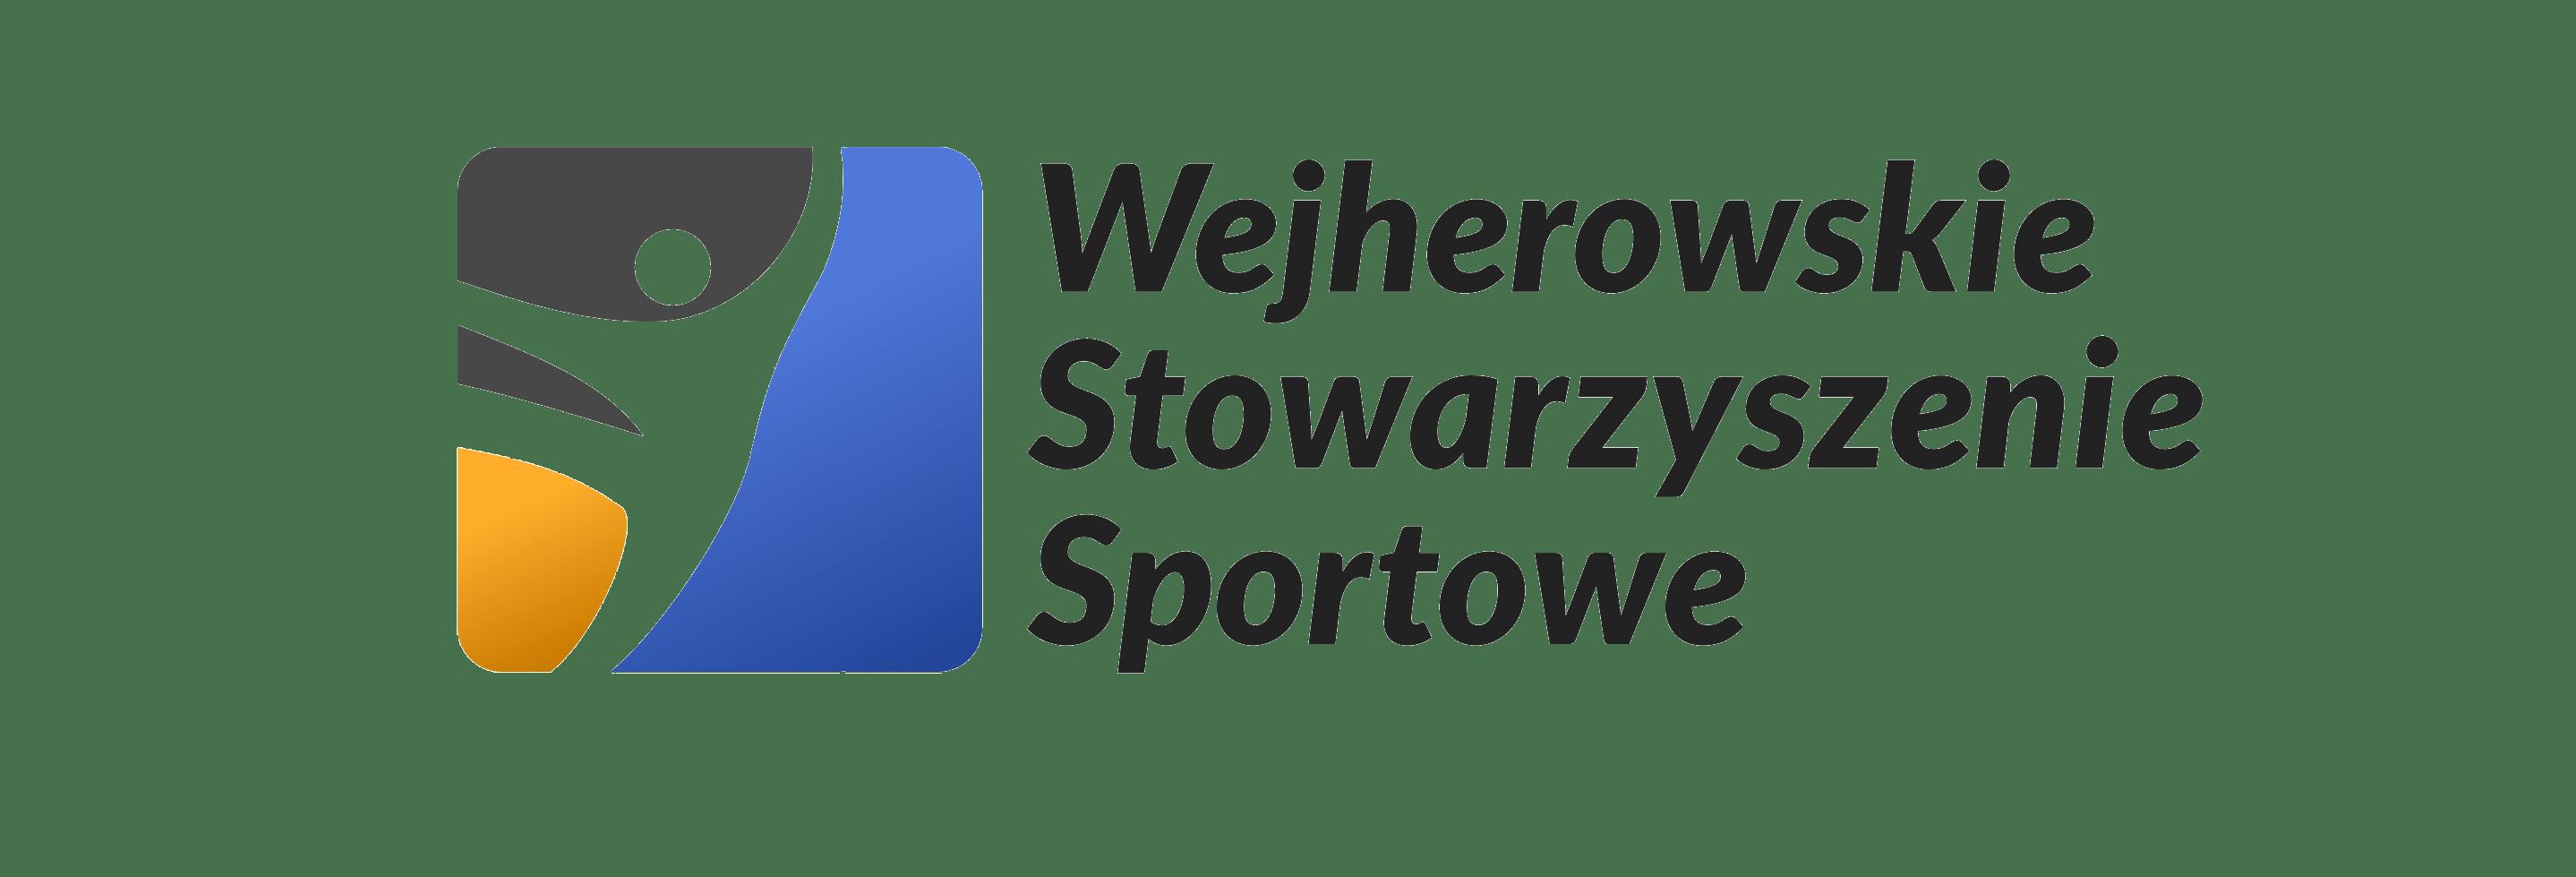 1440691733-wejherowskie-stowarzyszenie-s